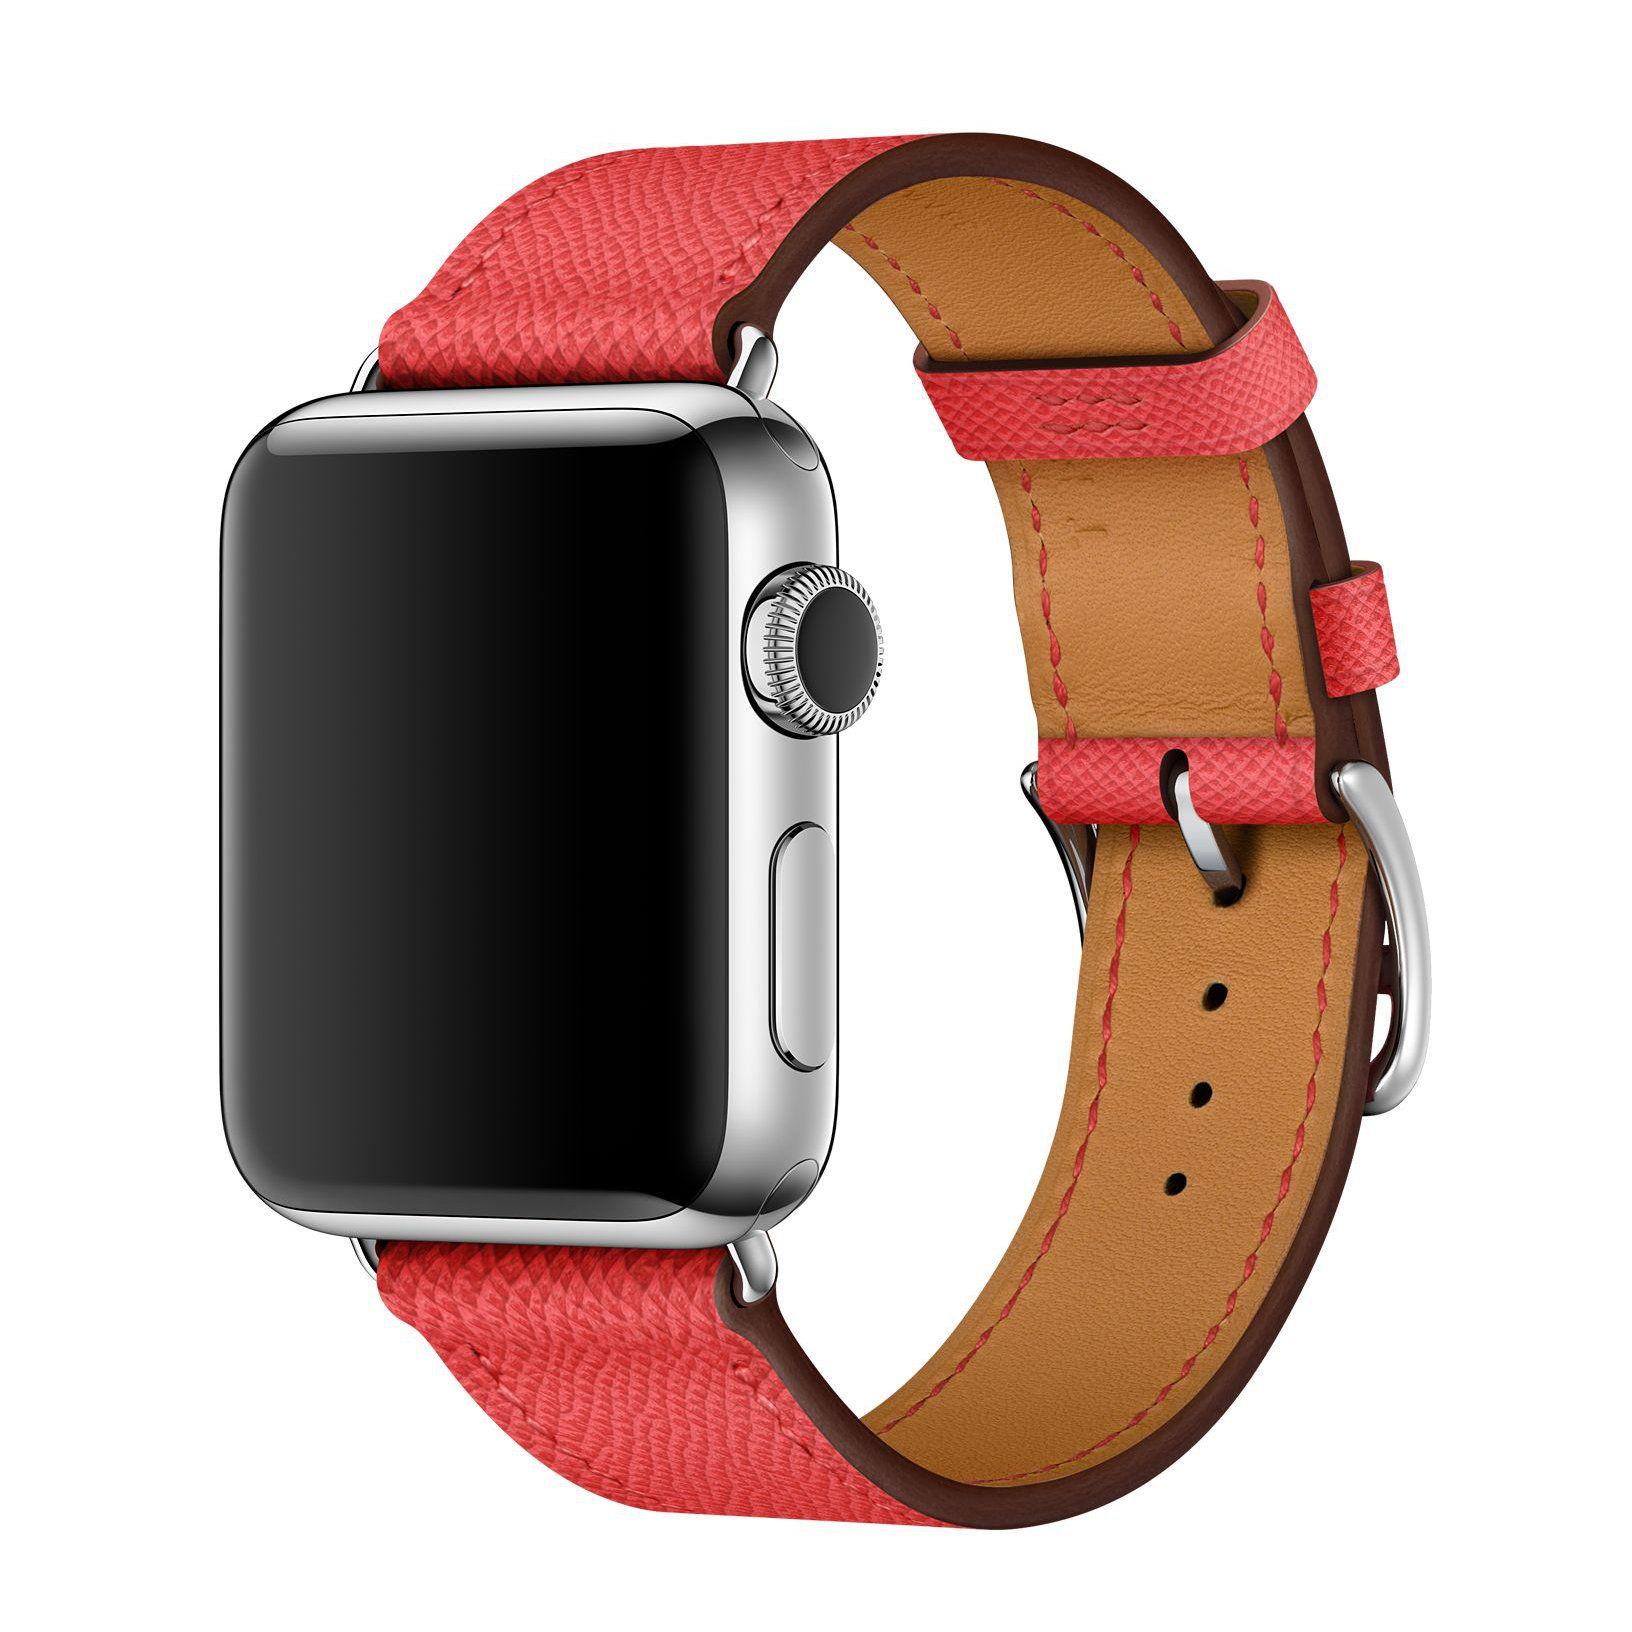 Hermès Single Tour Apple Watch Band